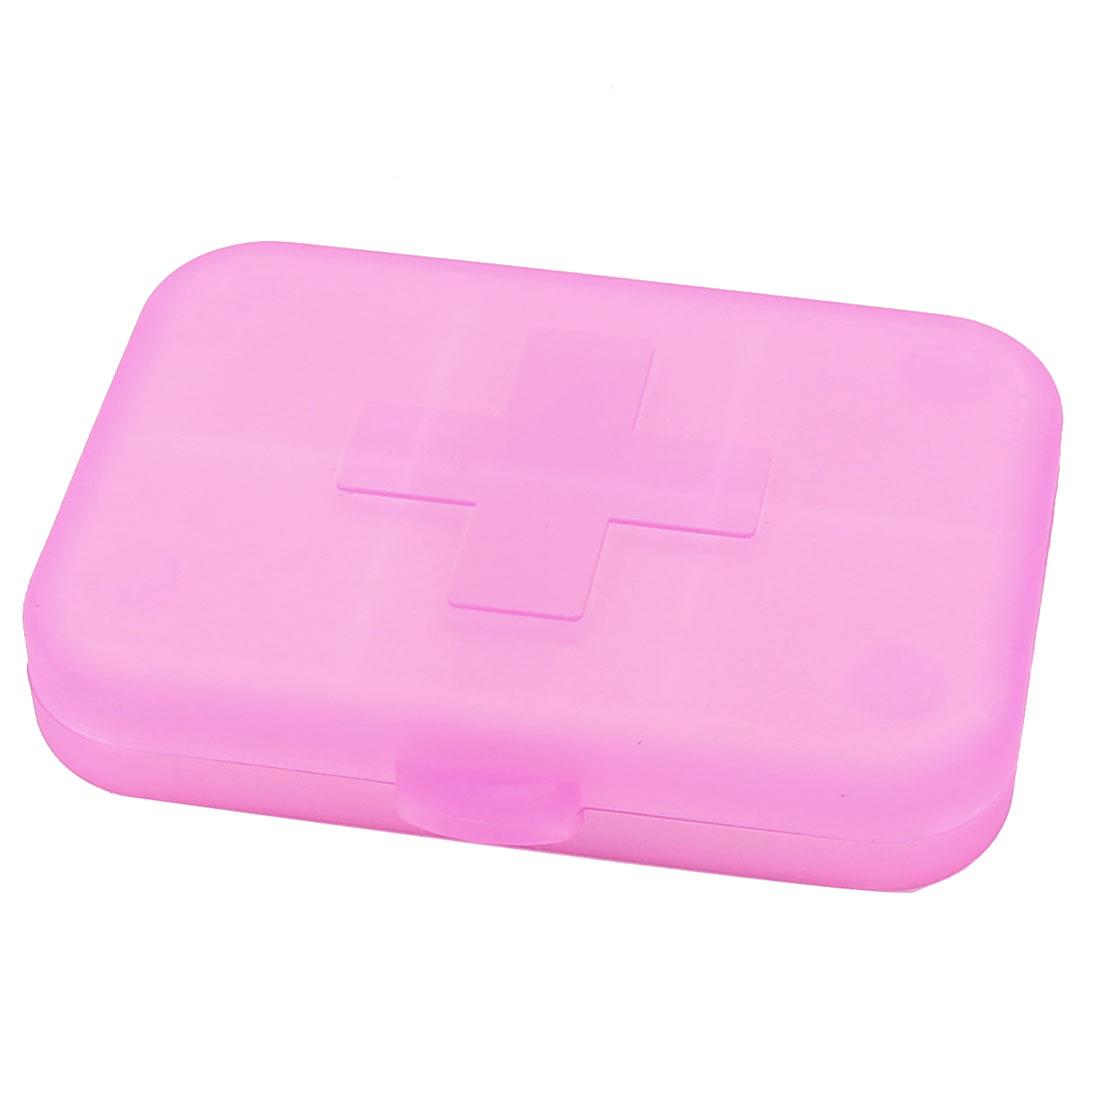 Plastic Rectangle 6 Compartments Portable Medicine Pill Box Fuchsia